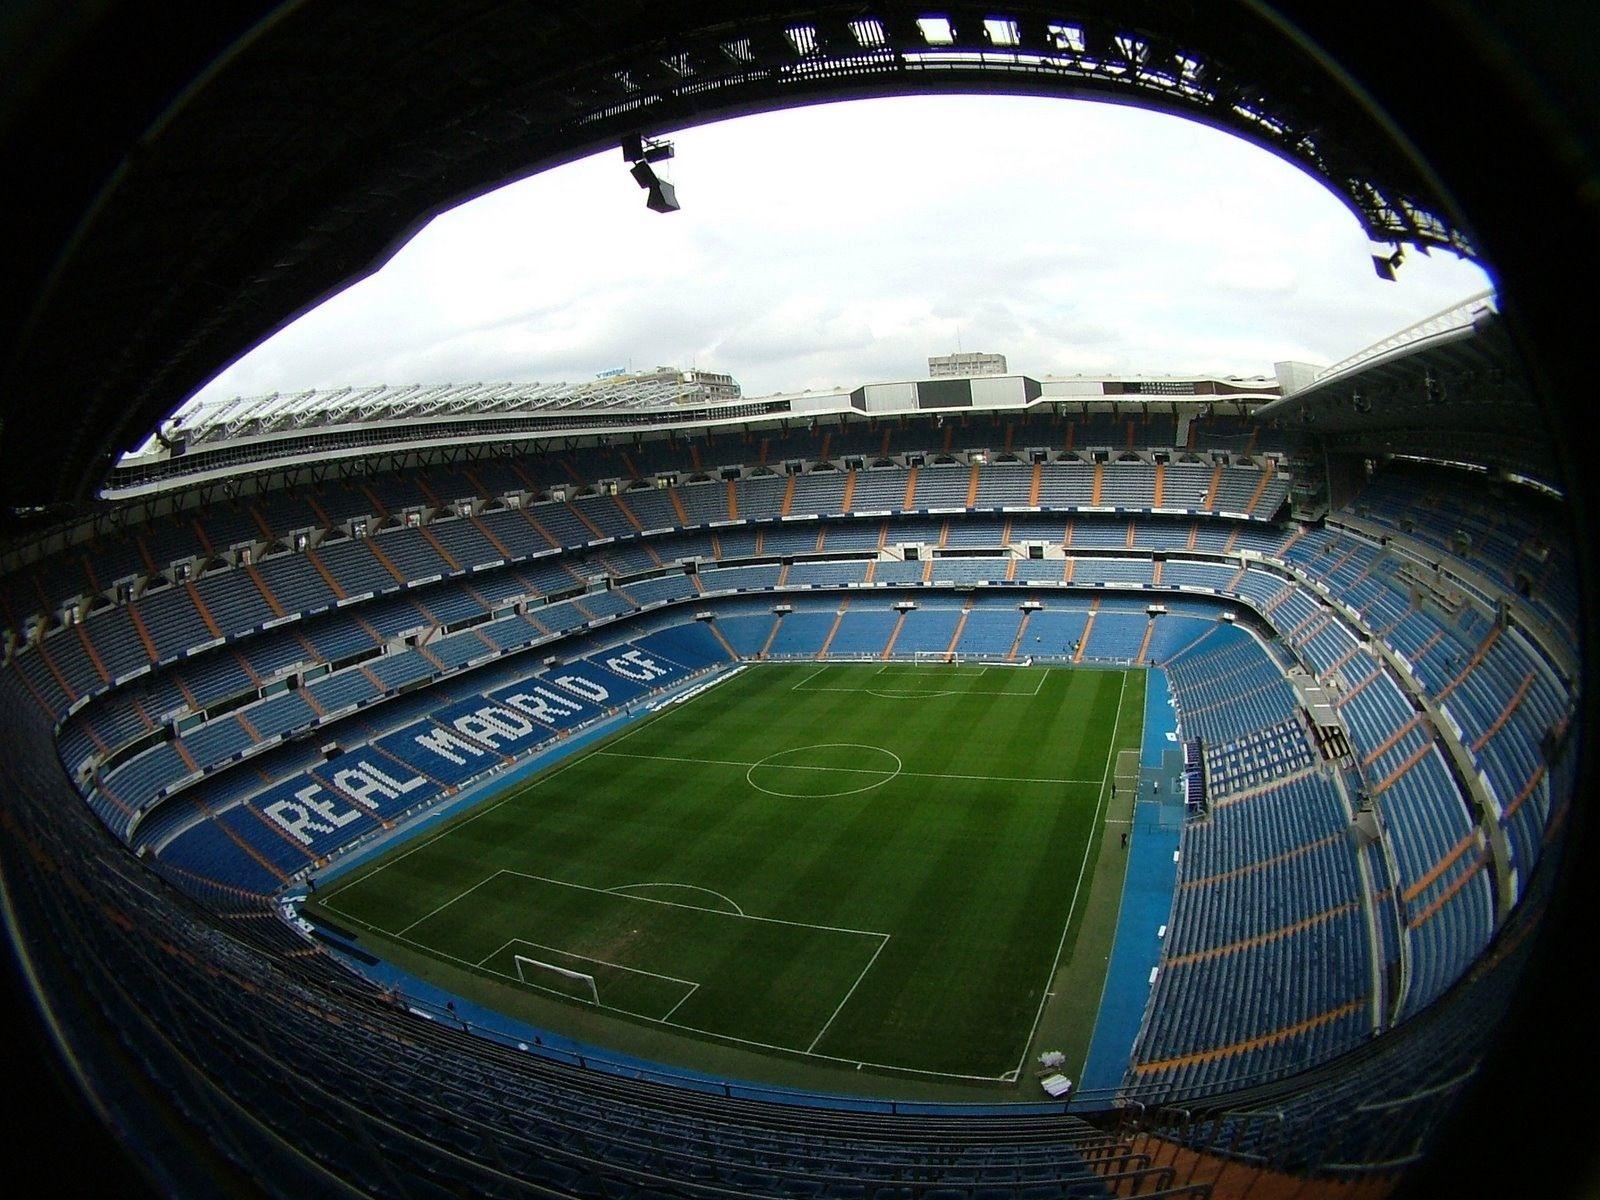 Estadio Santiago Bernabeu: Madrid, Spain - Soccer / Football